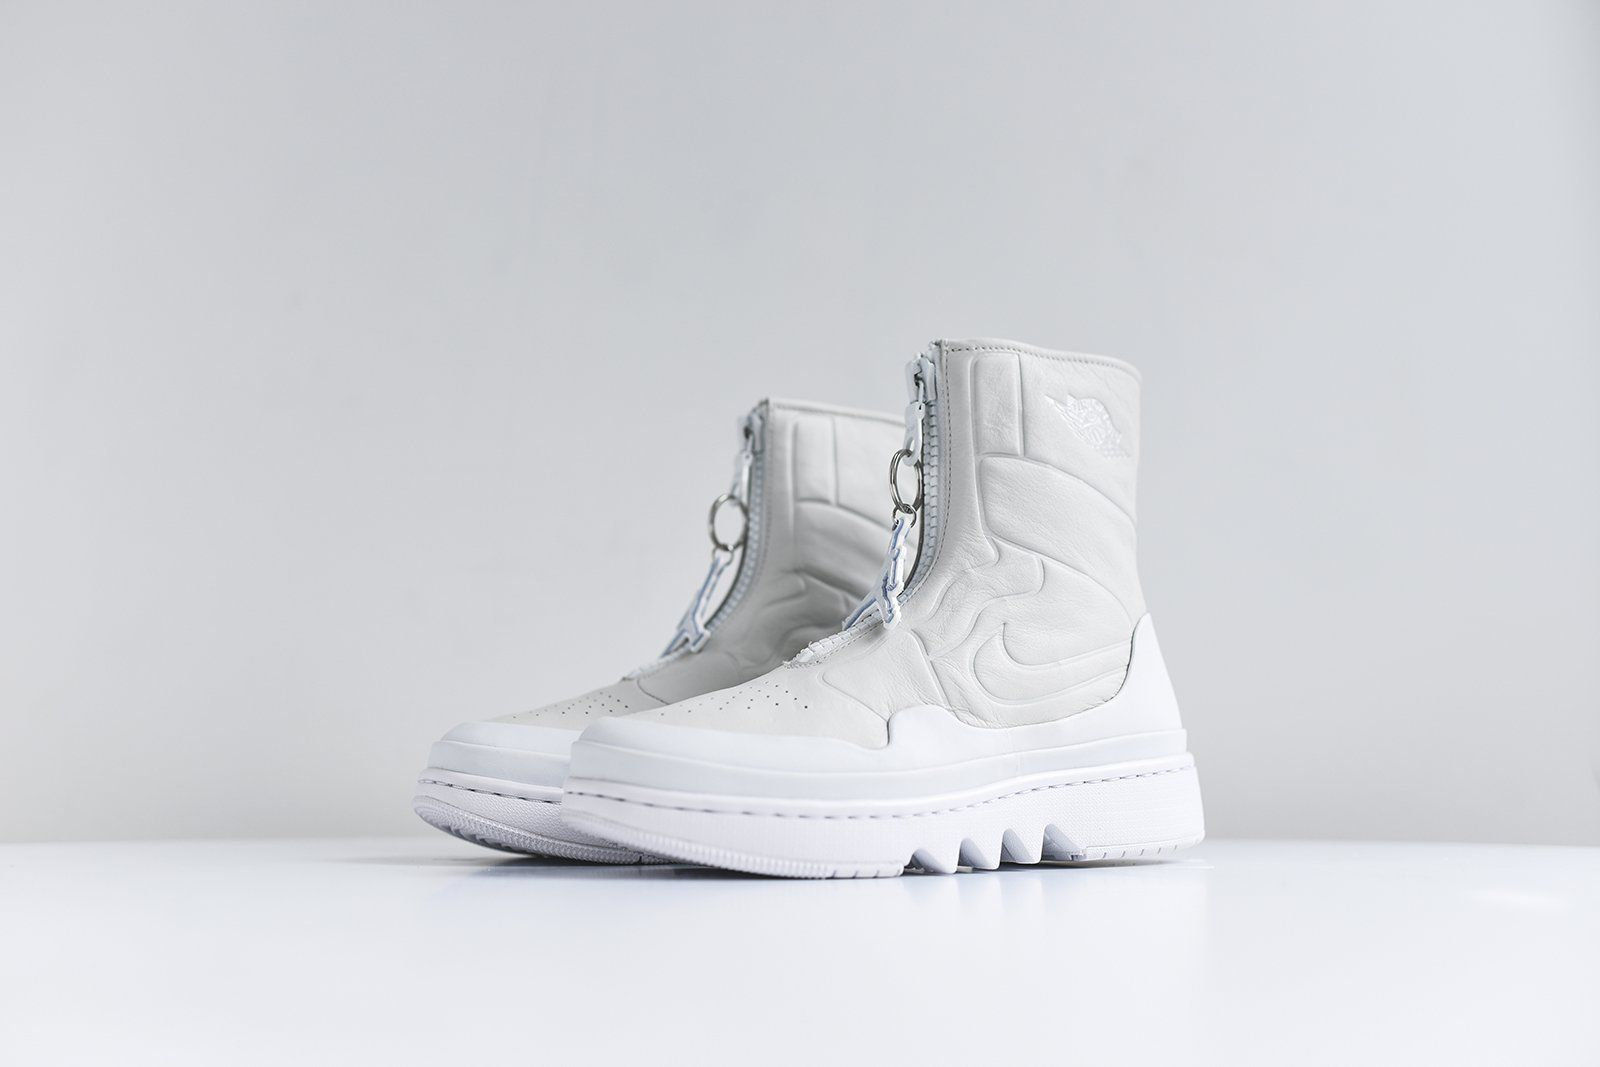 592ec4884f6b Nike WMNS Air Jordan 1 Jester XX - Ivory